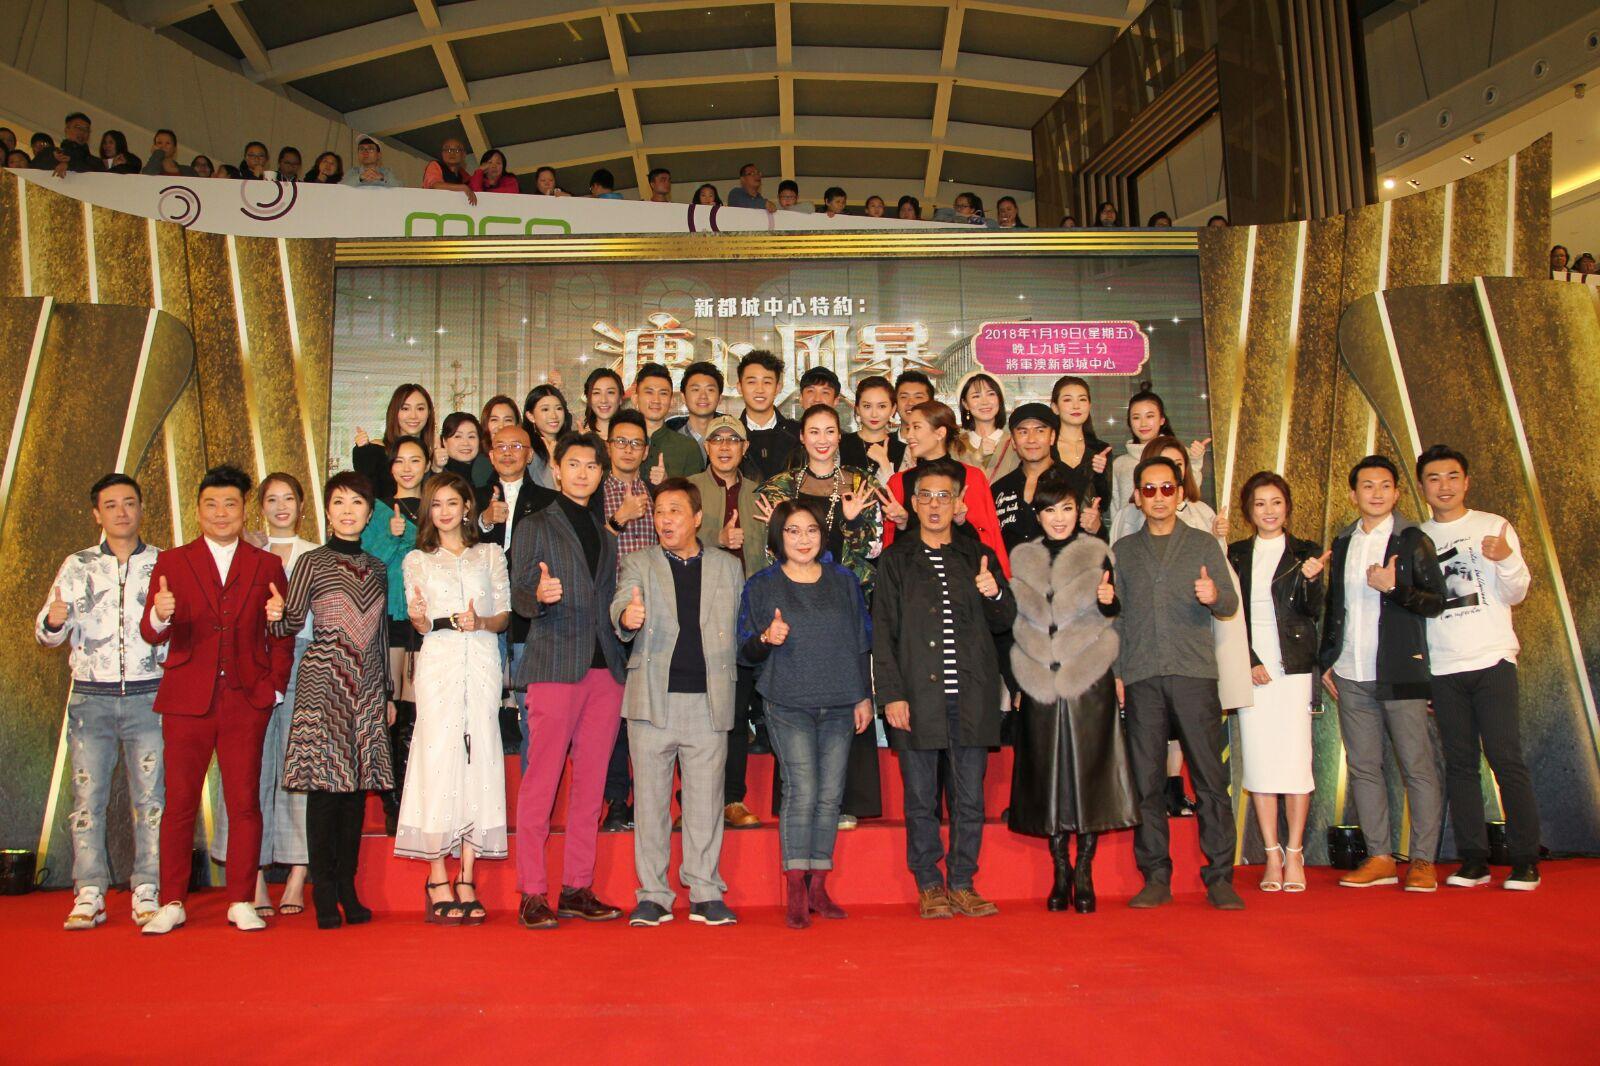 《溏心風暴3》多位演員齊出席商場直播活動。